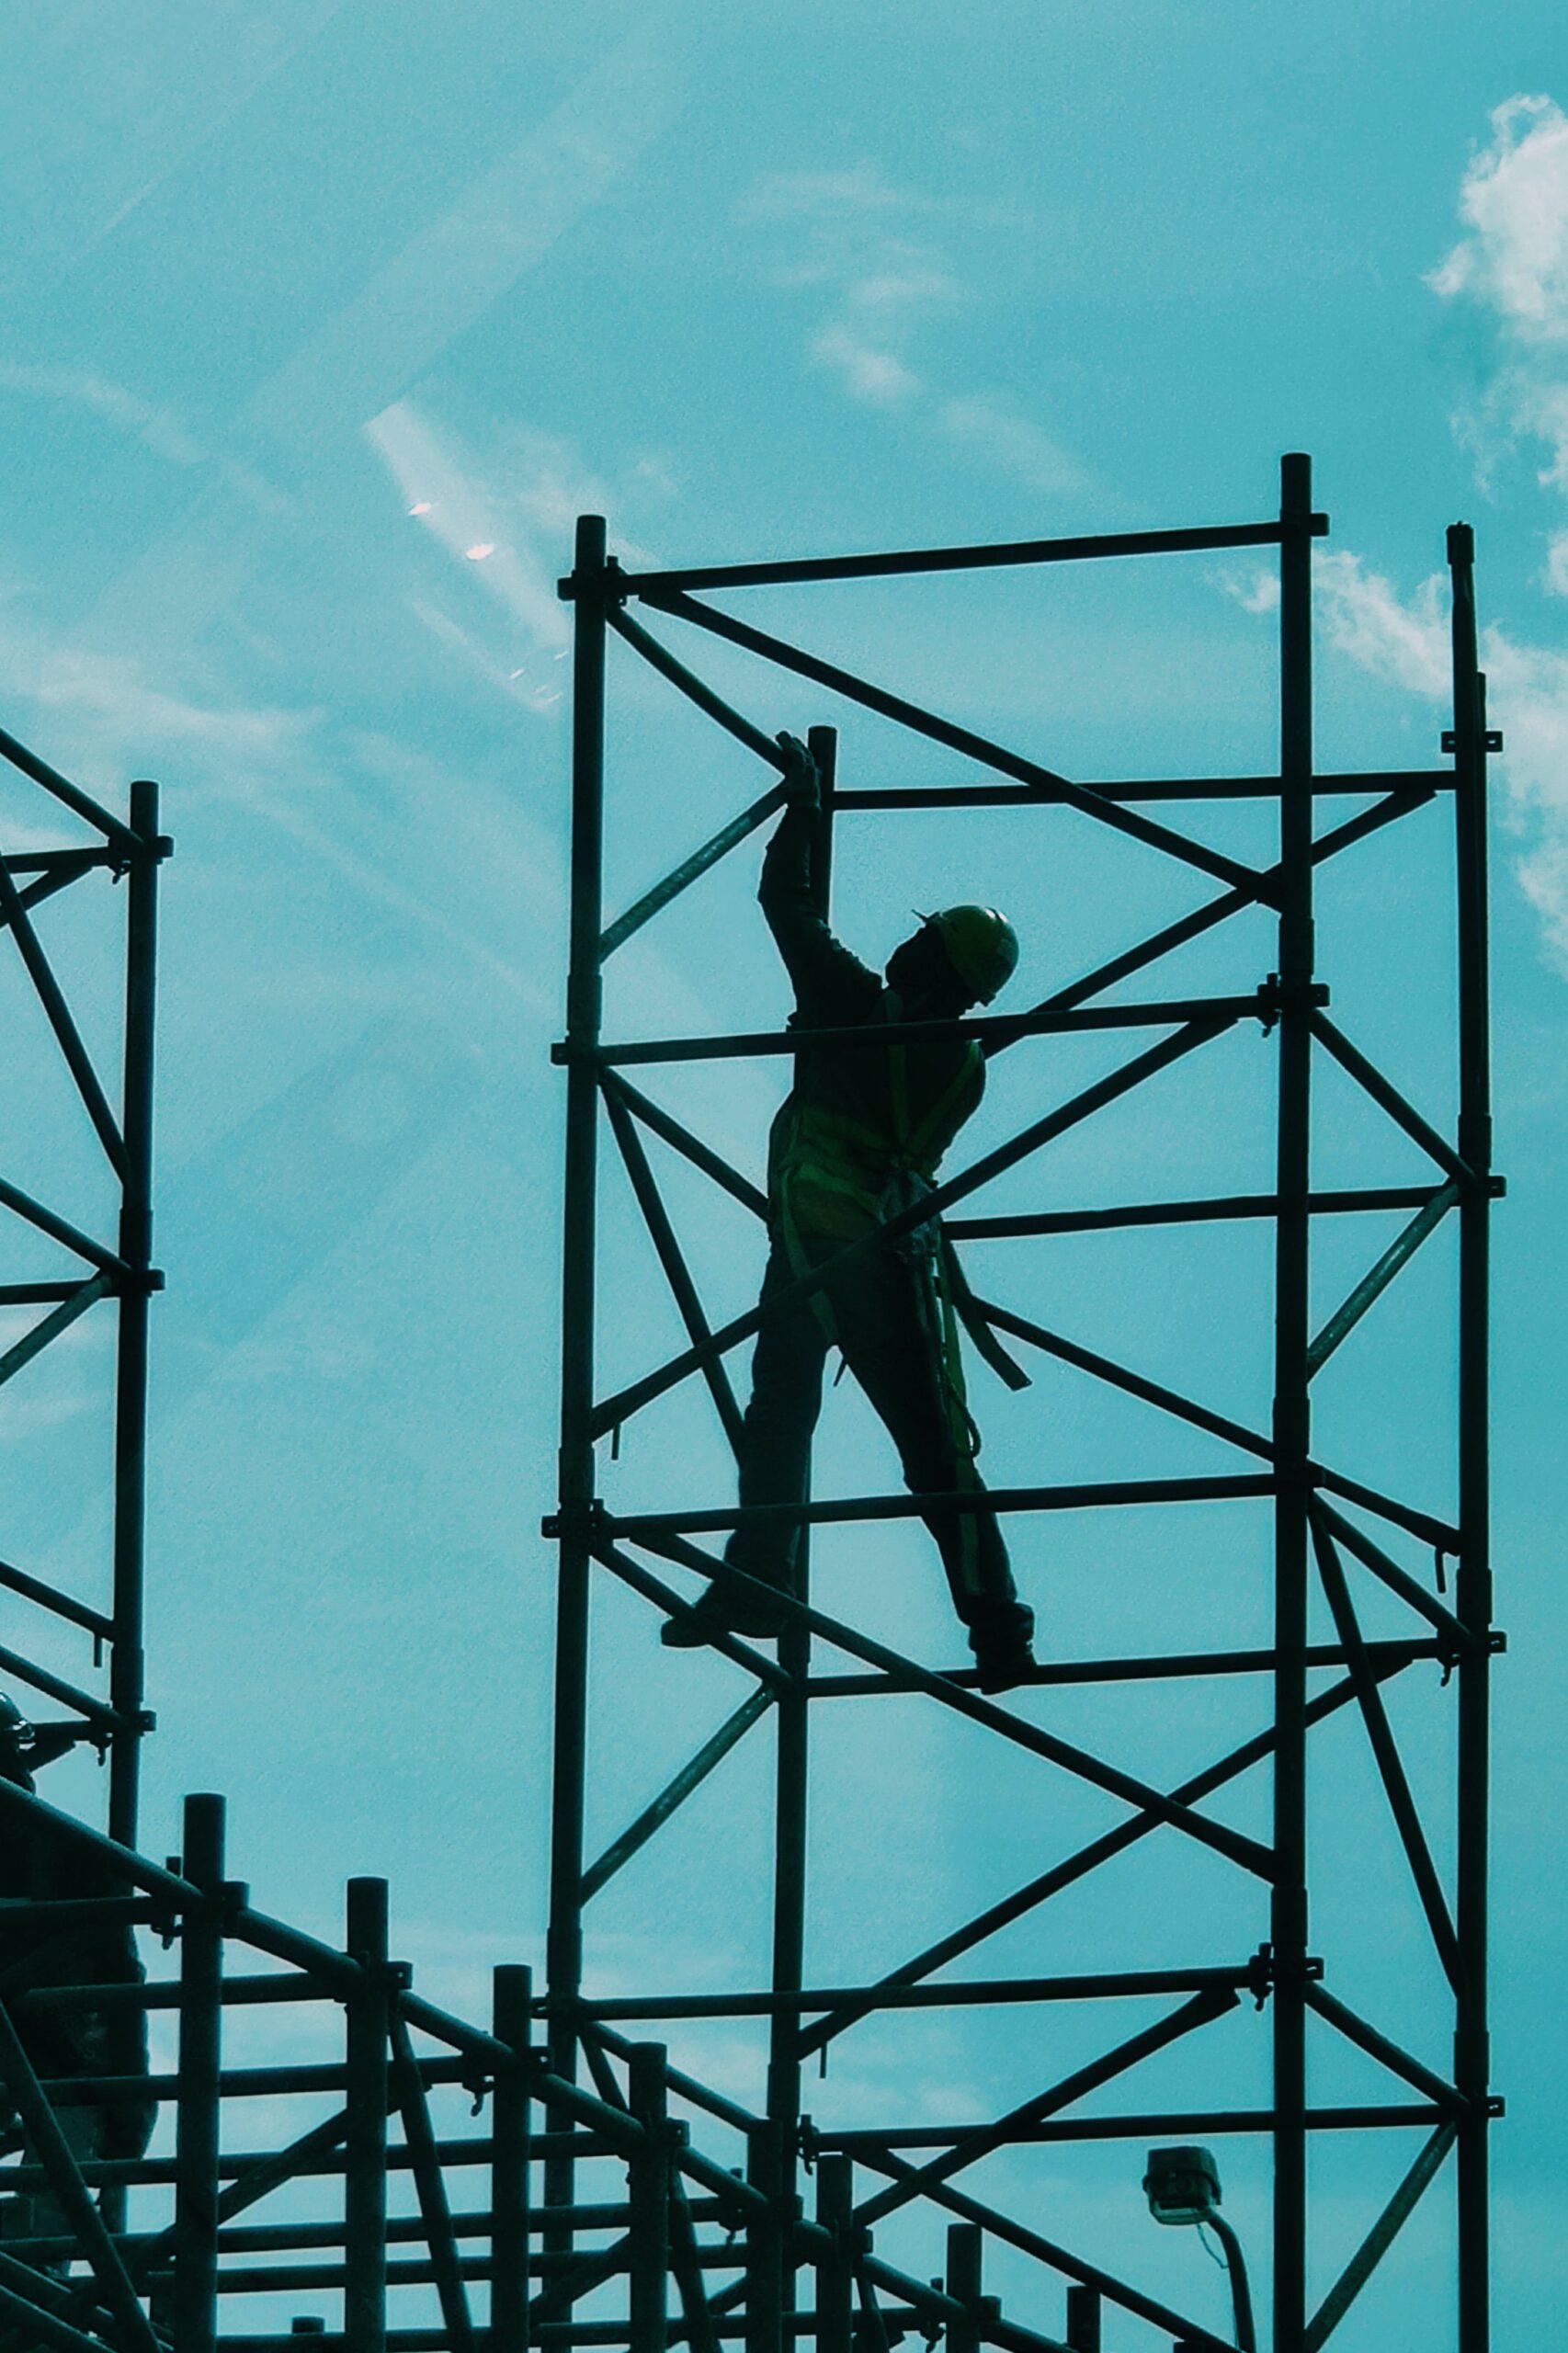 Construction Worker Climbing Scaffolding